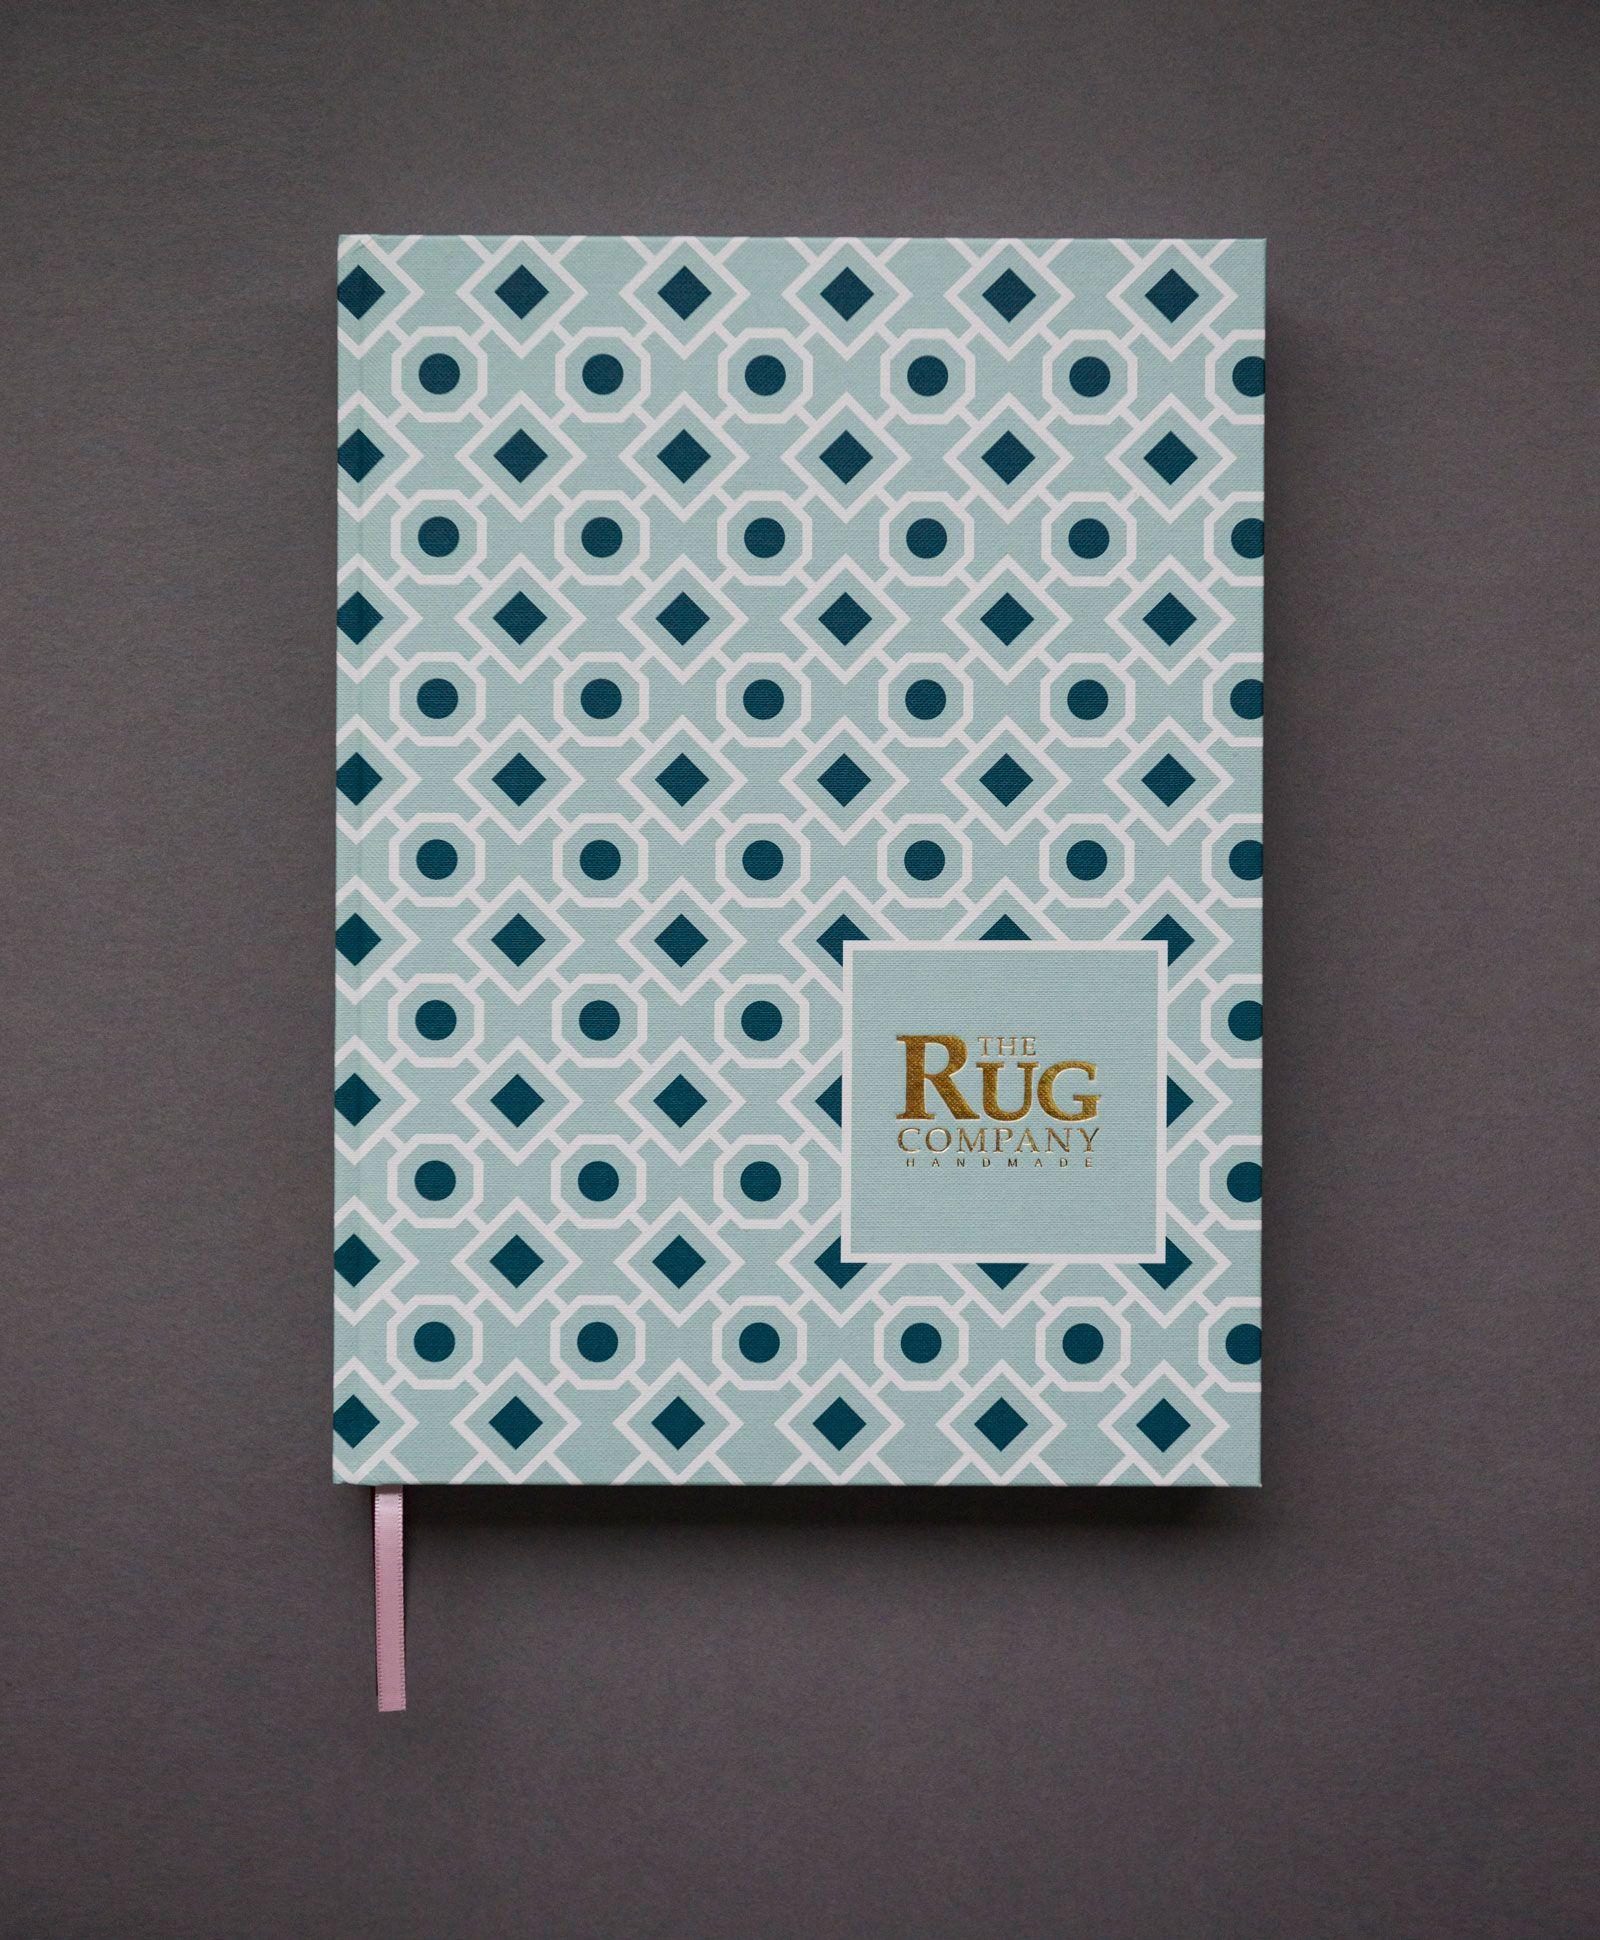 The Rug Company Catalogue